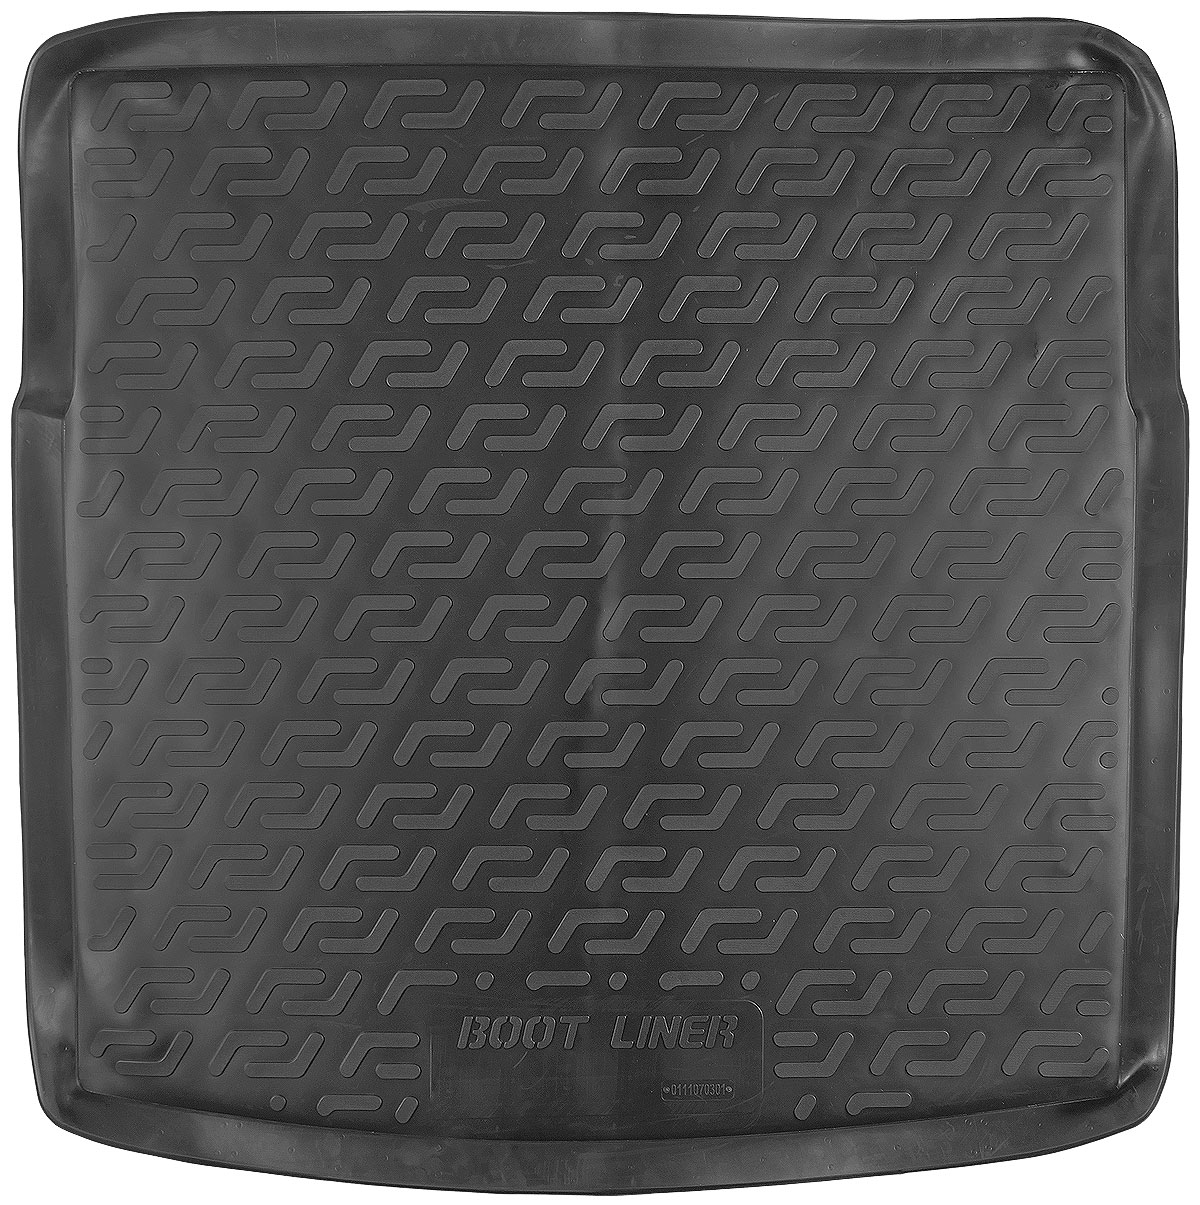 Коврик в багажник L.Locker, для Opel Insignia Sports Tourer (09-)кн14,4сКоврик L.Locker производится индивидуально для каждой модели автомобиля из современного и экологически чистого материала. Изделие точно повторяет геометрию пола автомобиля, имеет высокий борт, обладает повышенной износоустойчивостью, антискользящими свойствами, лишен резкого запаха и сохраняет свои потребительские свойства в широком диапазоне температур (от -50°С до +80°С).